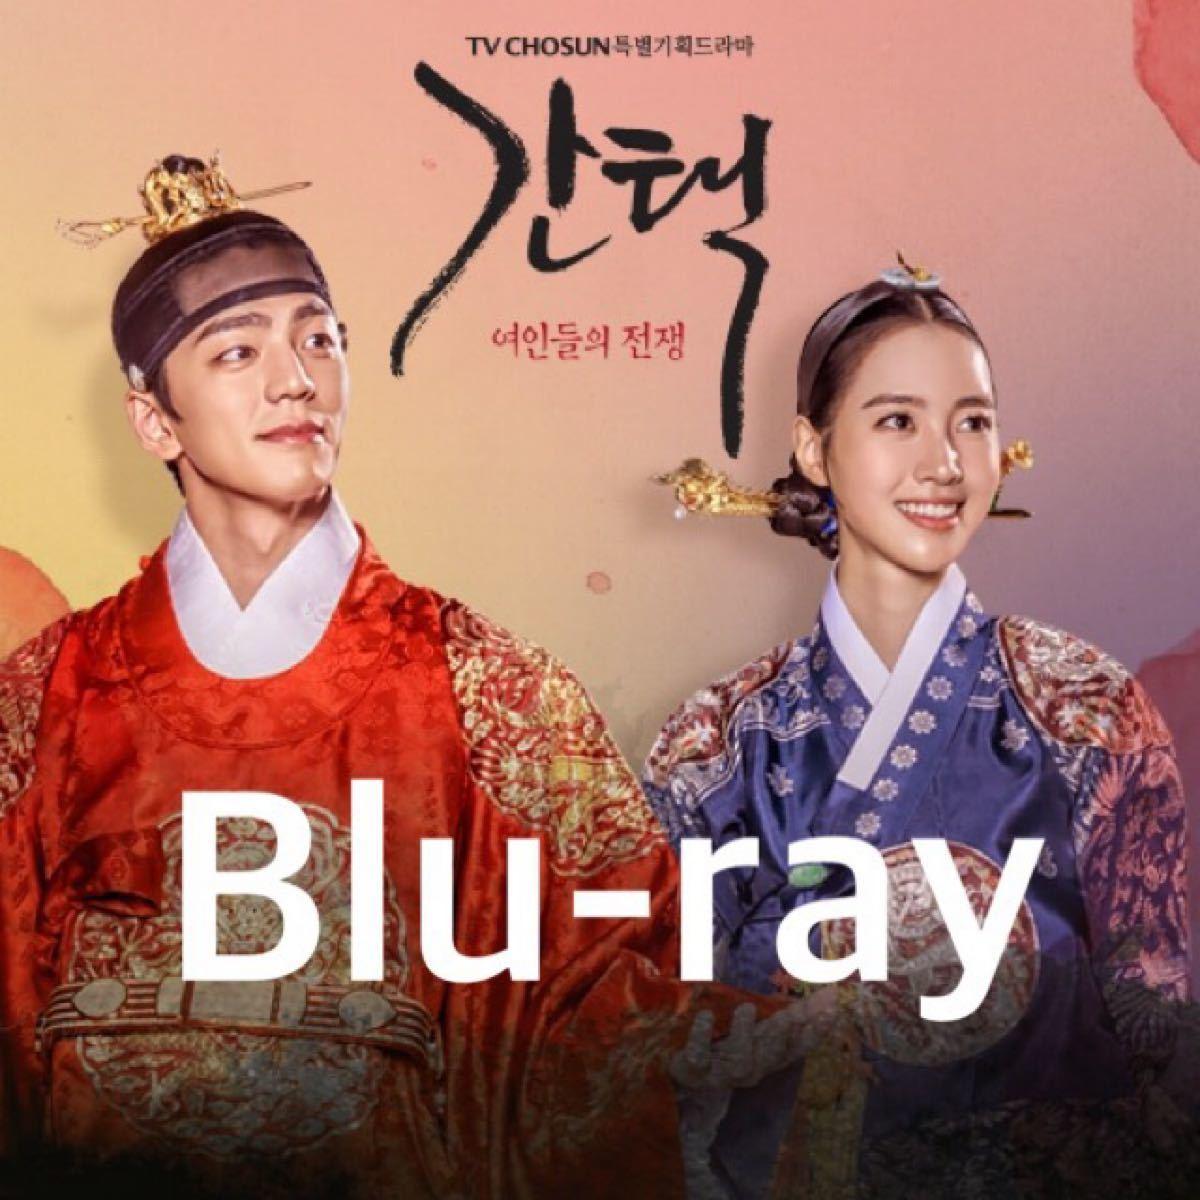 韓国ドラマ カンテク Blu-ray